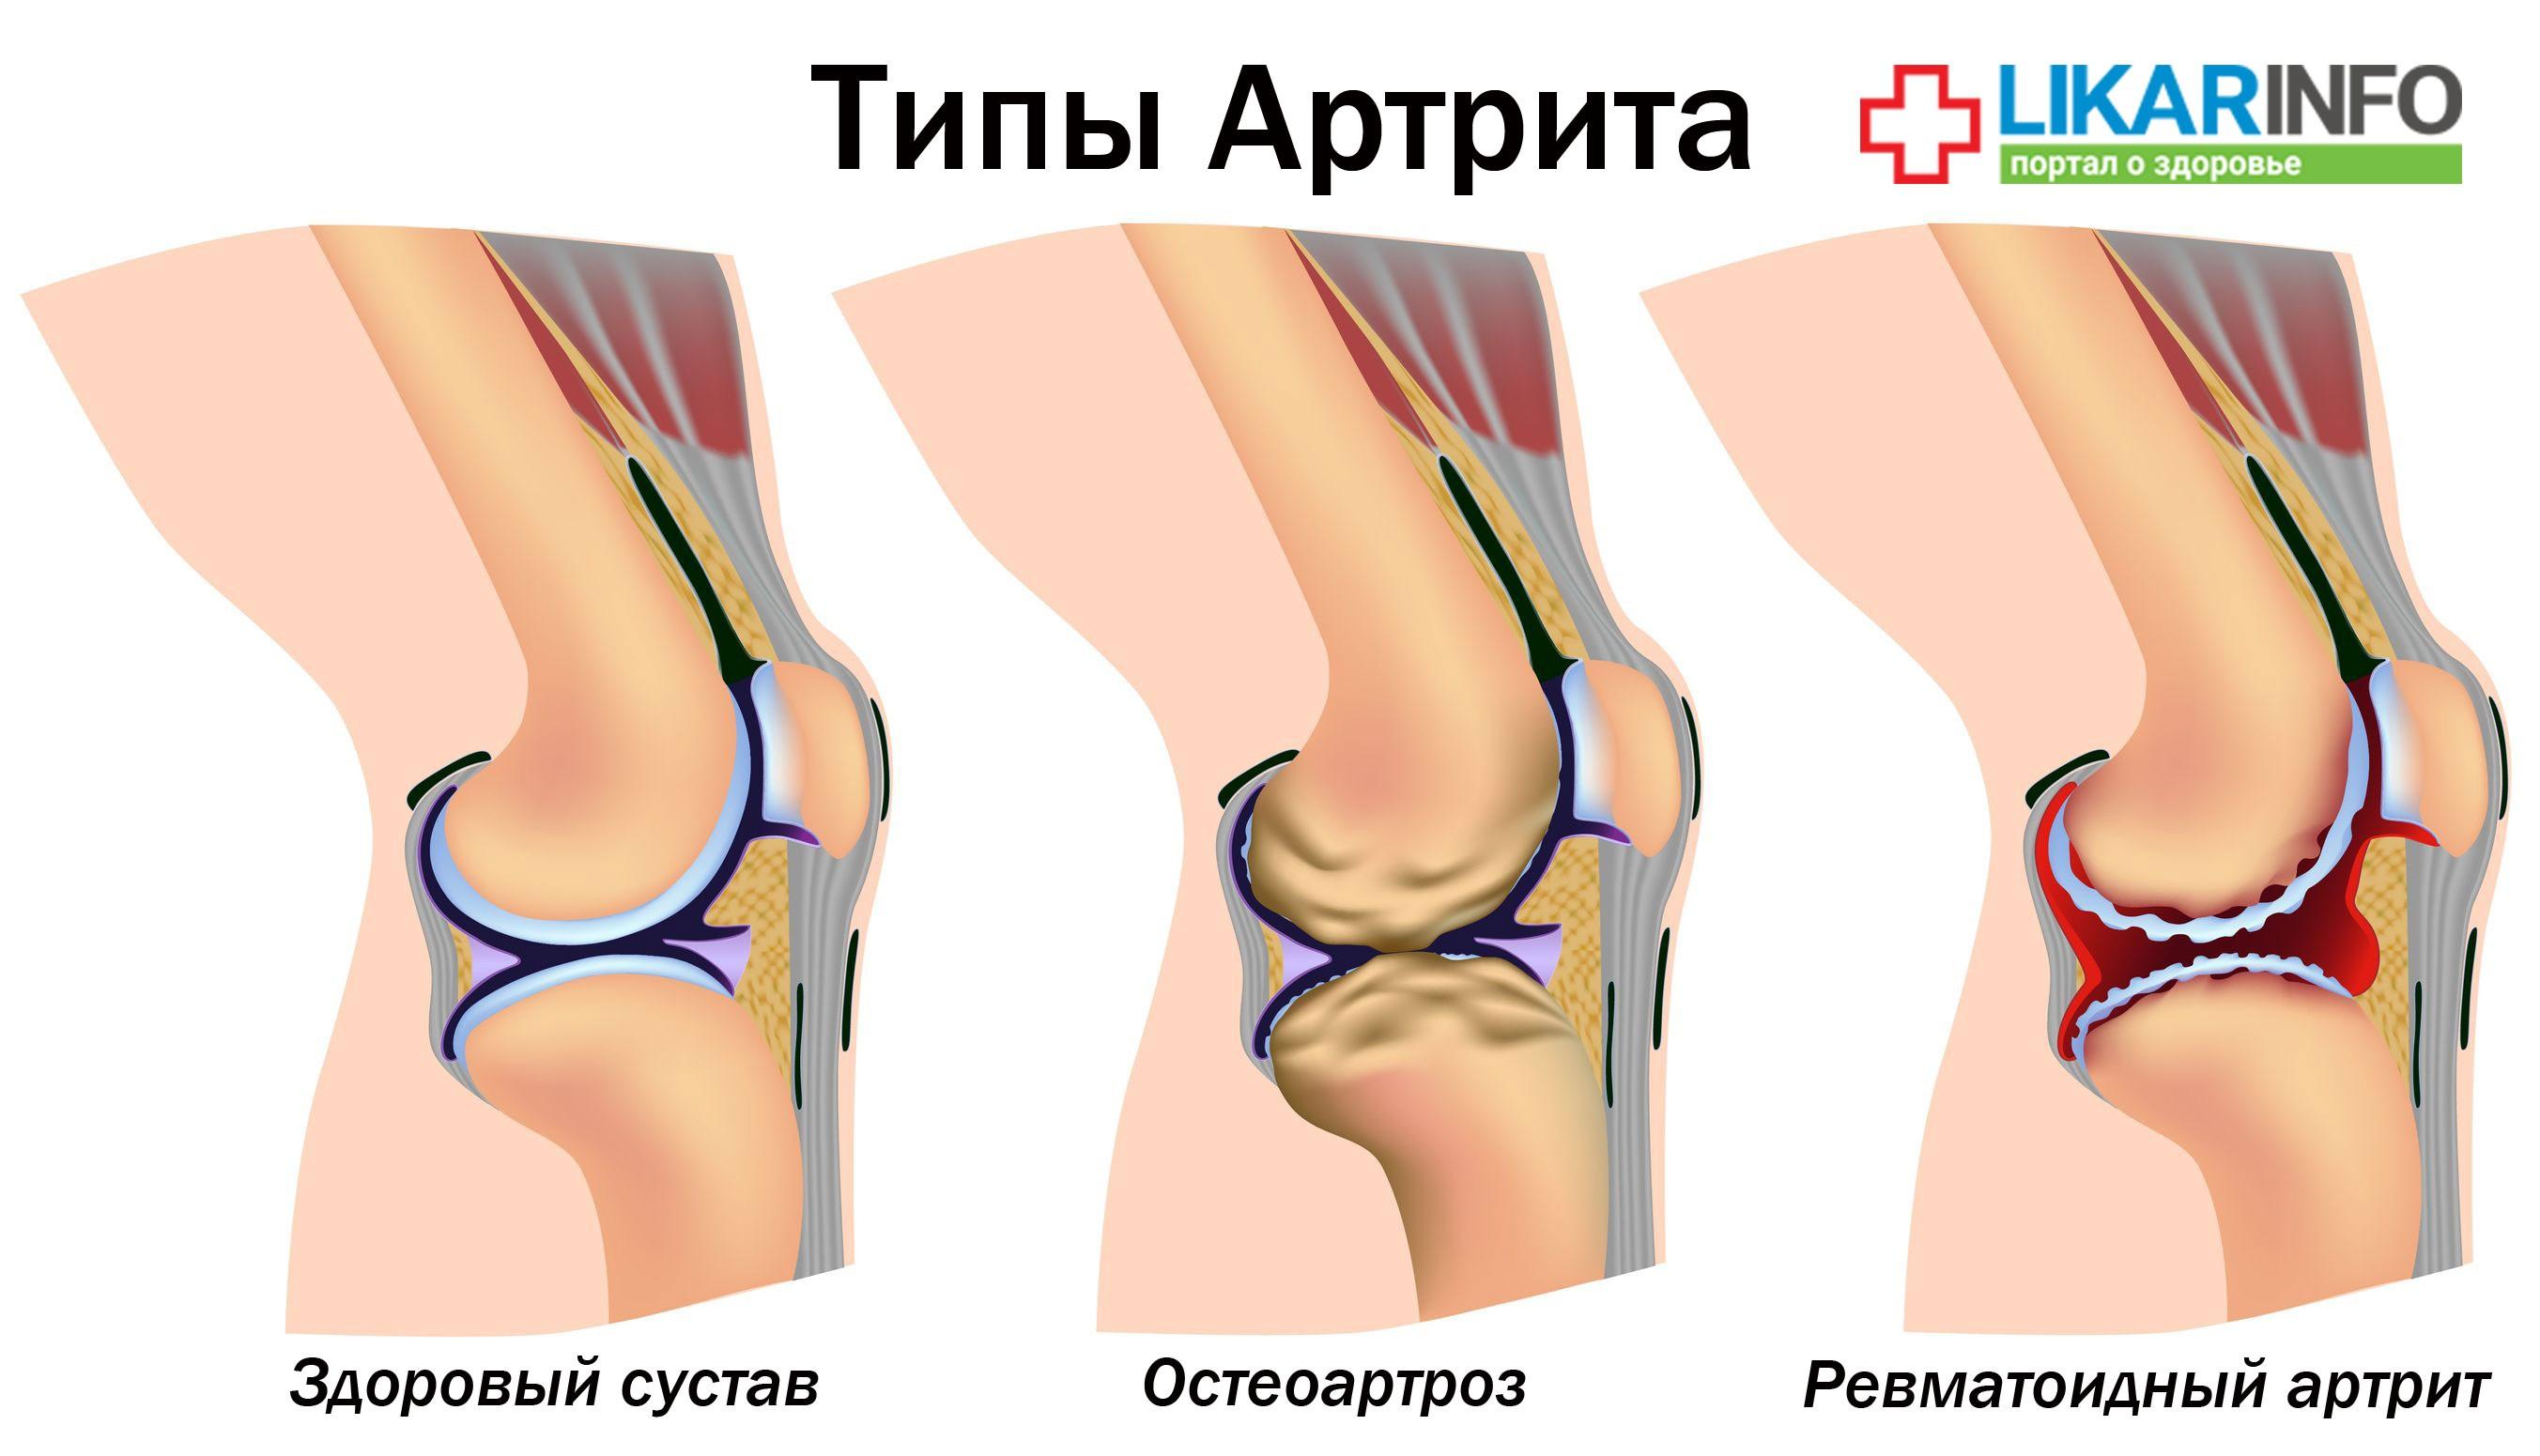 Виды артрита: ревматоидный артрит и остеоартроз